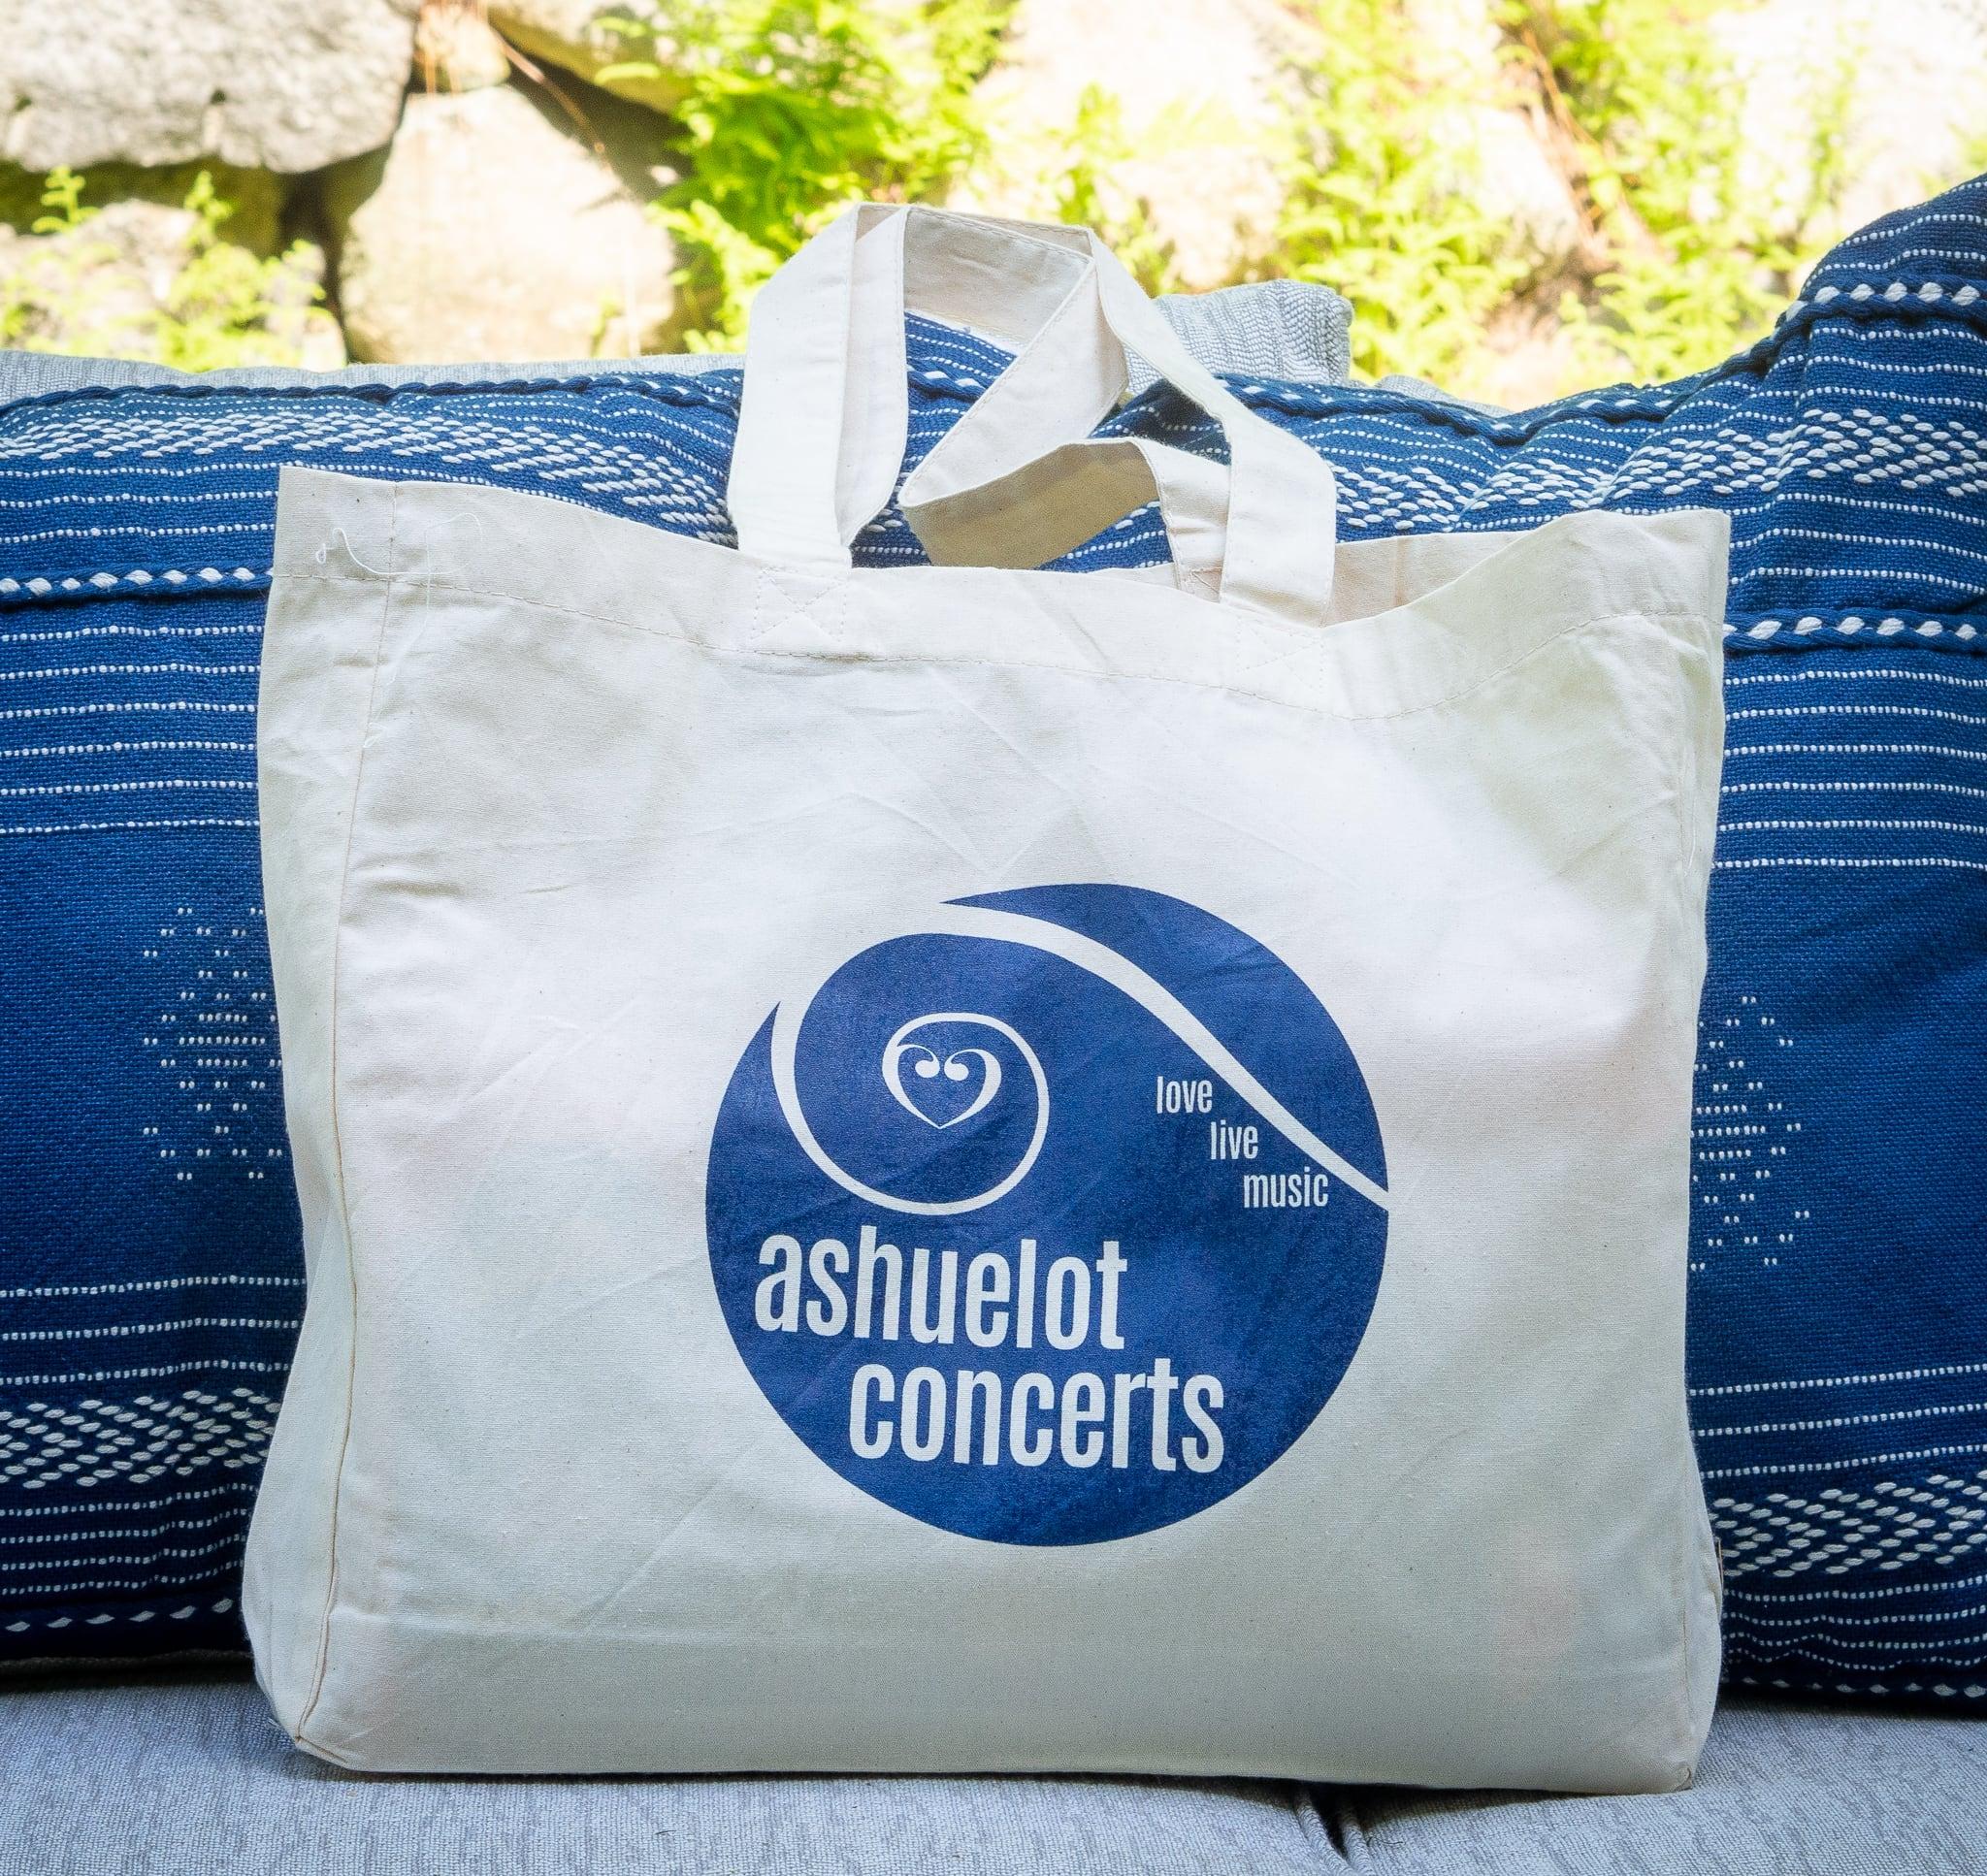 Ashuelot Concerts Tote Bag